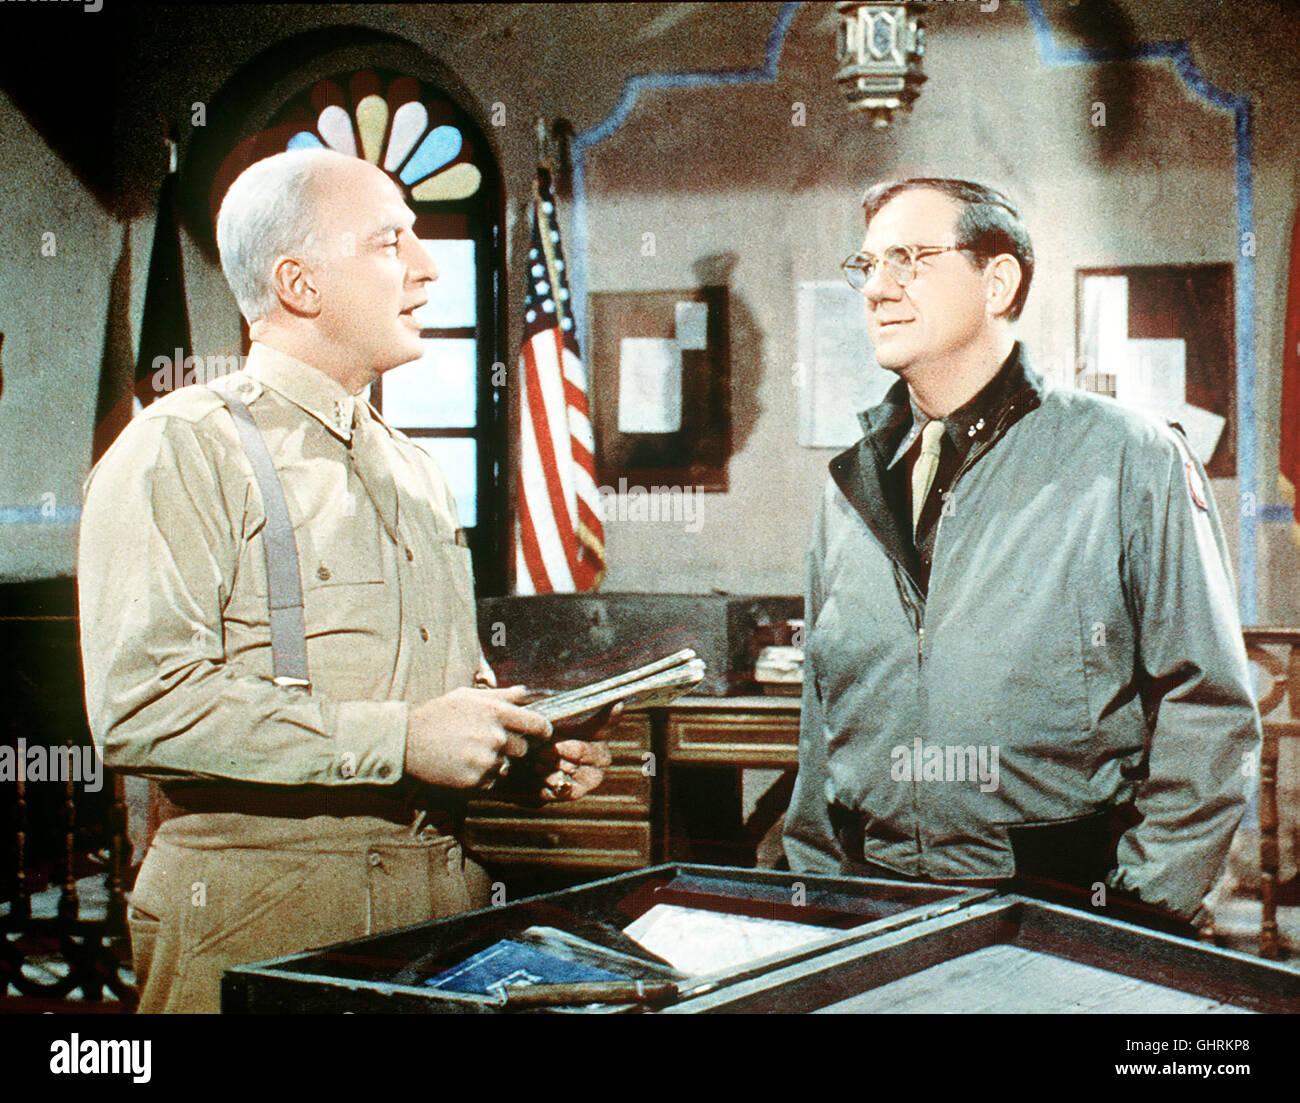 PATTON - REBELL IN UNIFORM - Die Geschichte des Generals Patton (GEORG C.SCOTT,l), der die 7.US-Armee in Tunesien Stock Photo